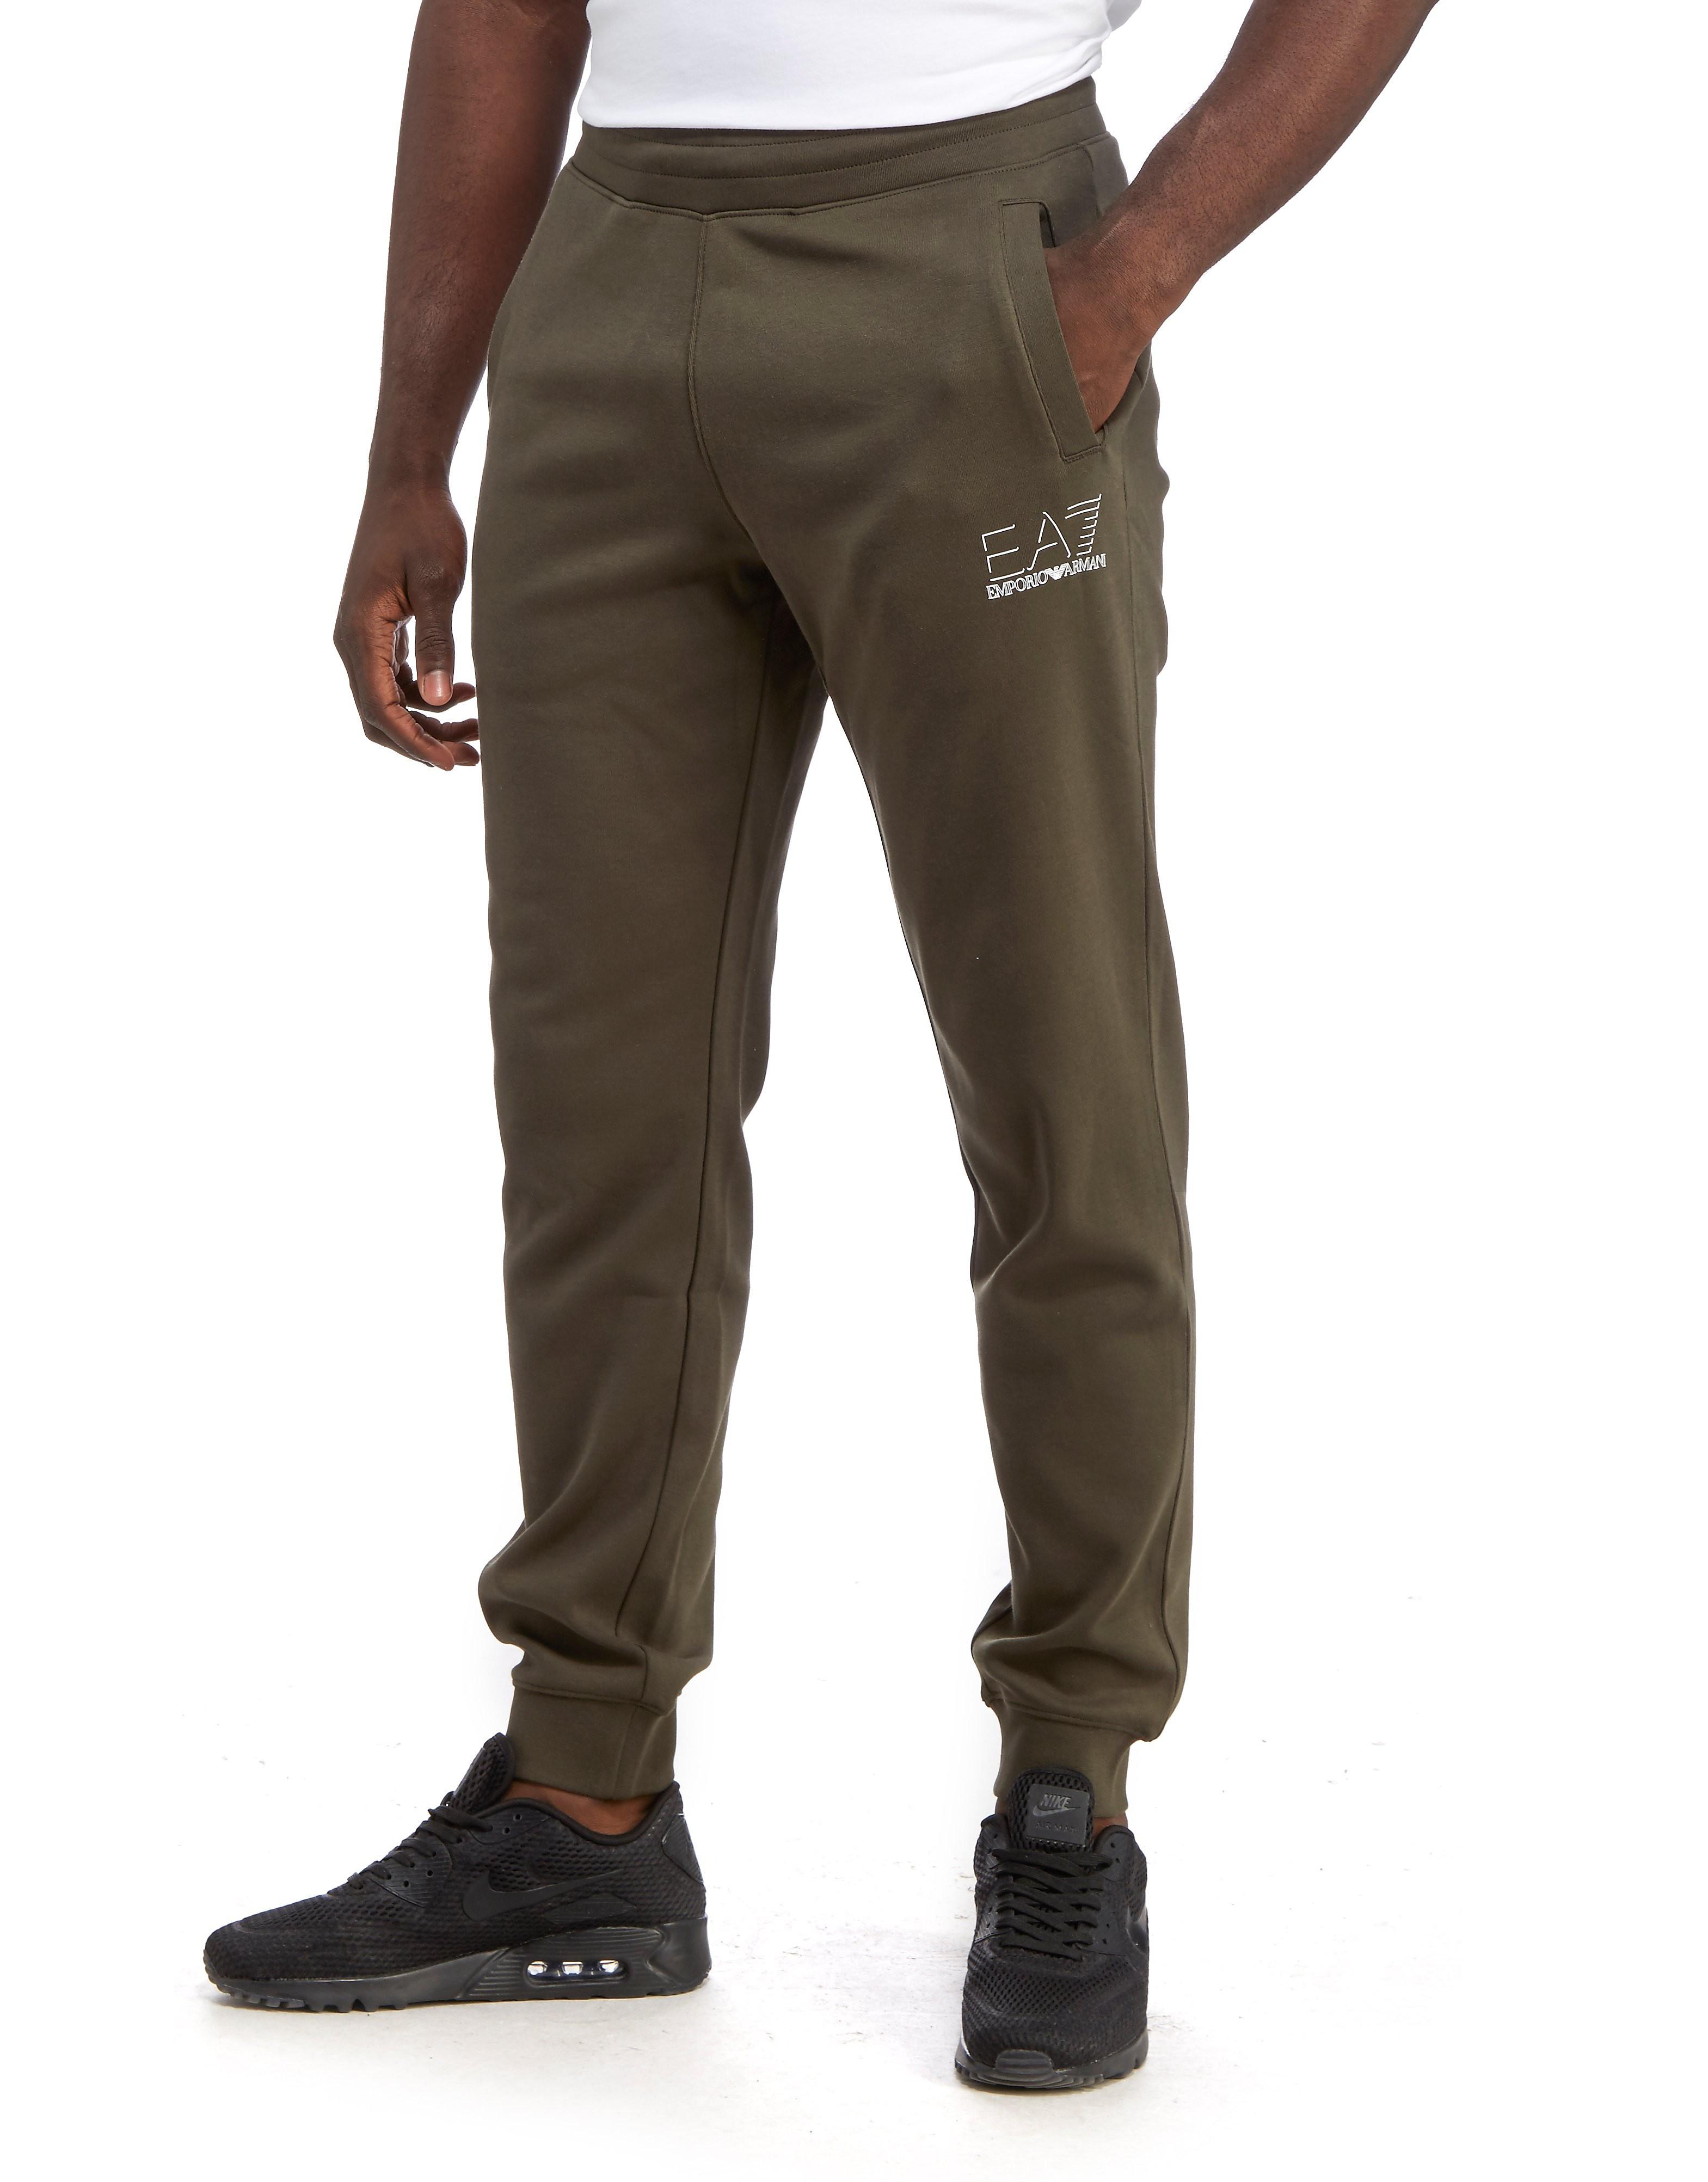 Emporio Armani EA7 Shadow Line Pants